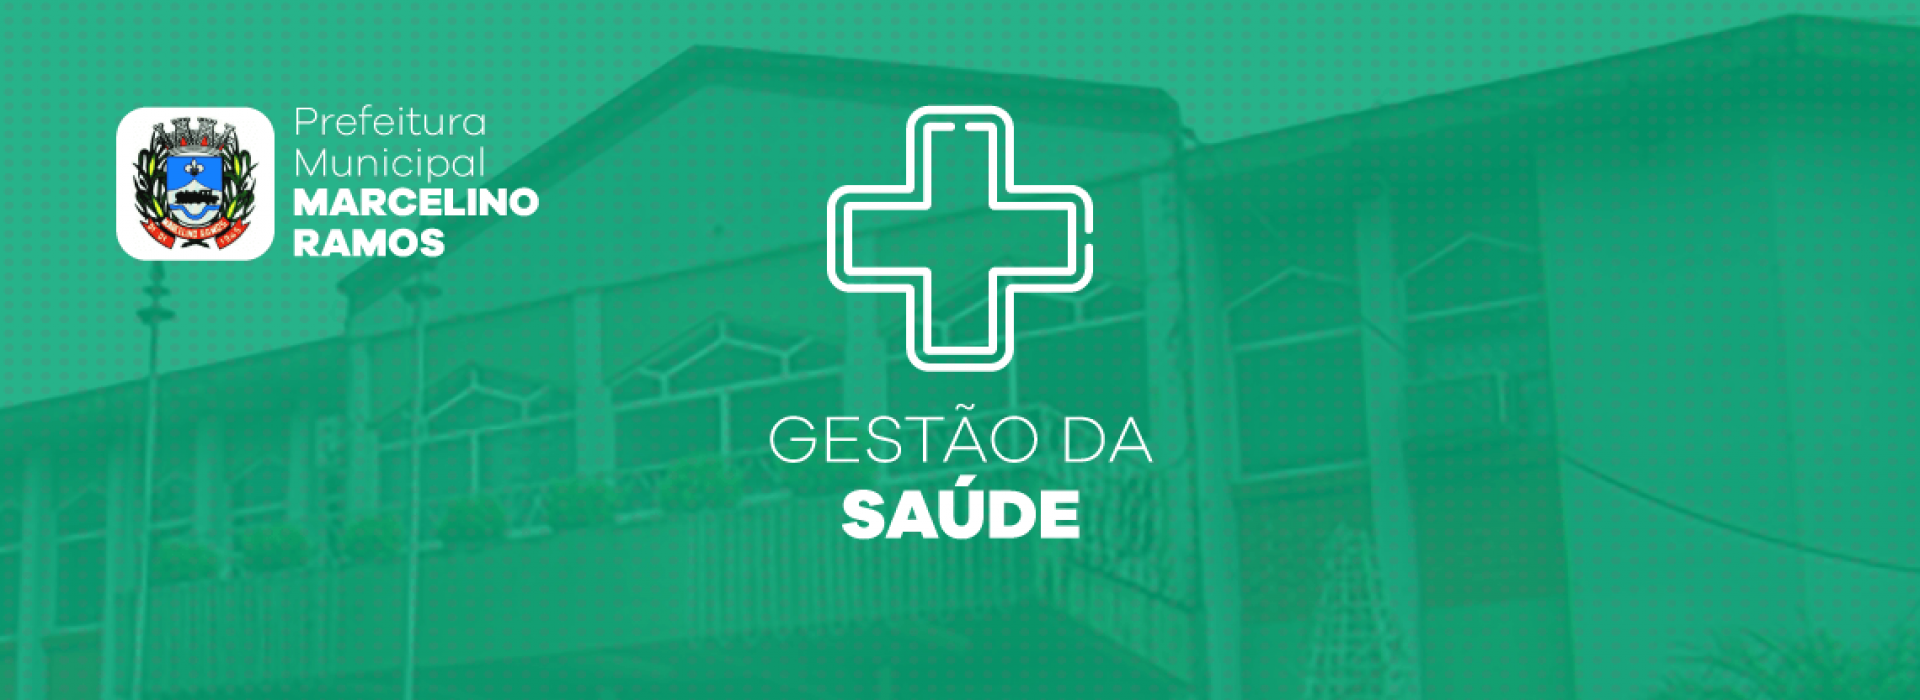 Prefeitura de Marcelino Ramos adota Gestão da Saúde System